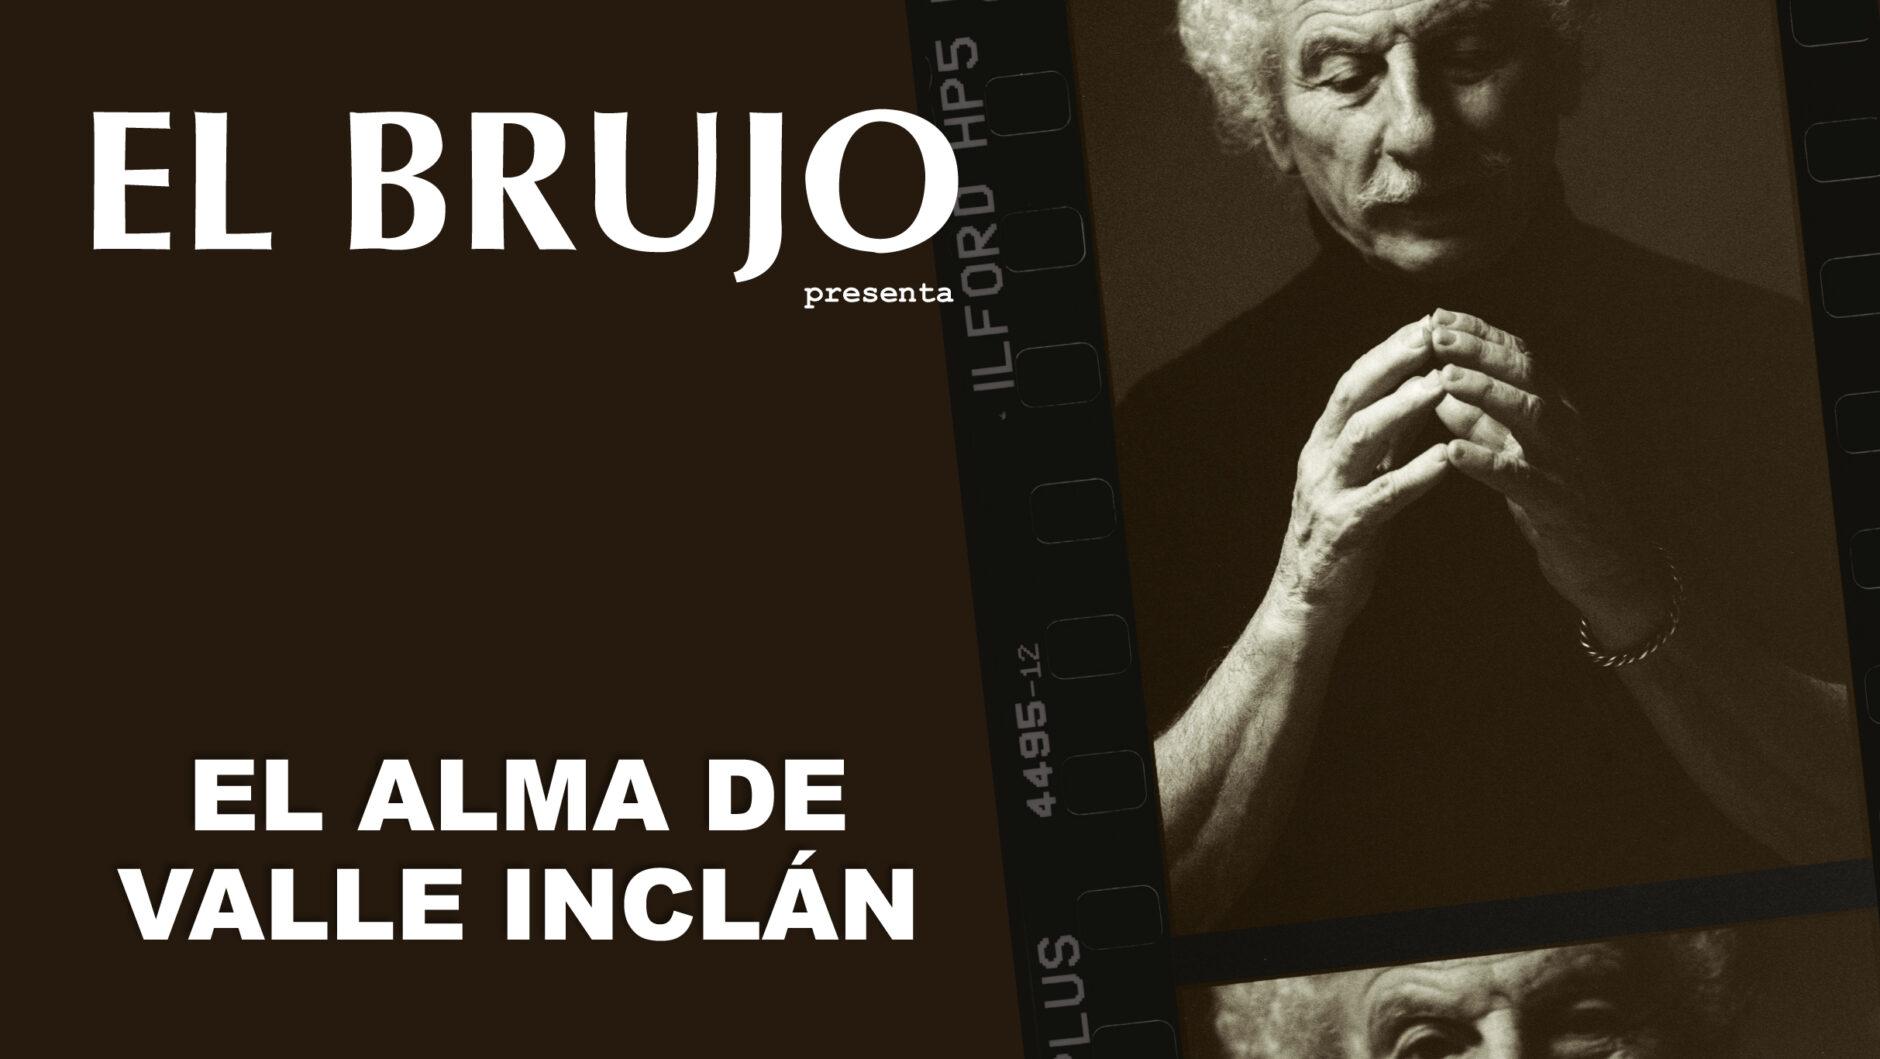 EL BRUJO – EL ALMA DE VALLE INCLÁN 1